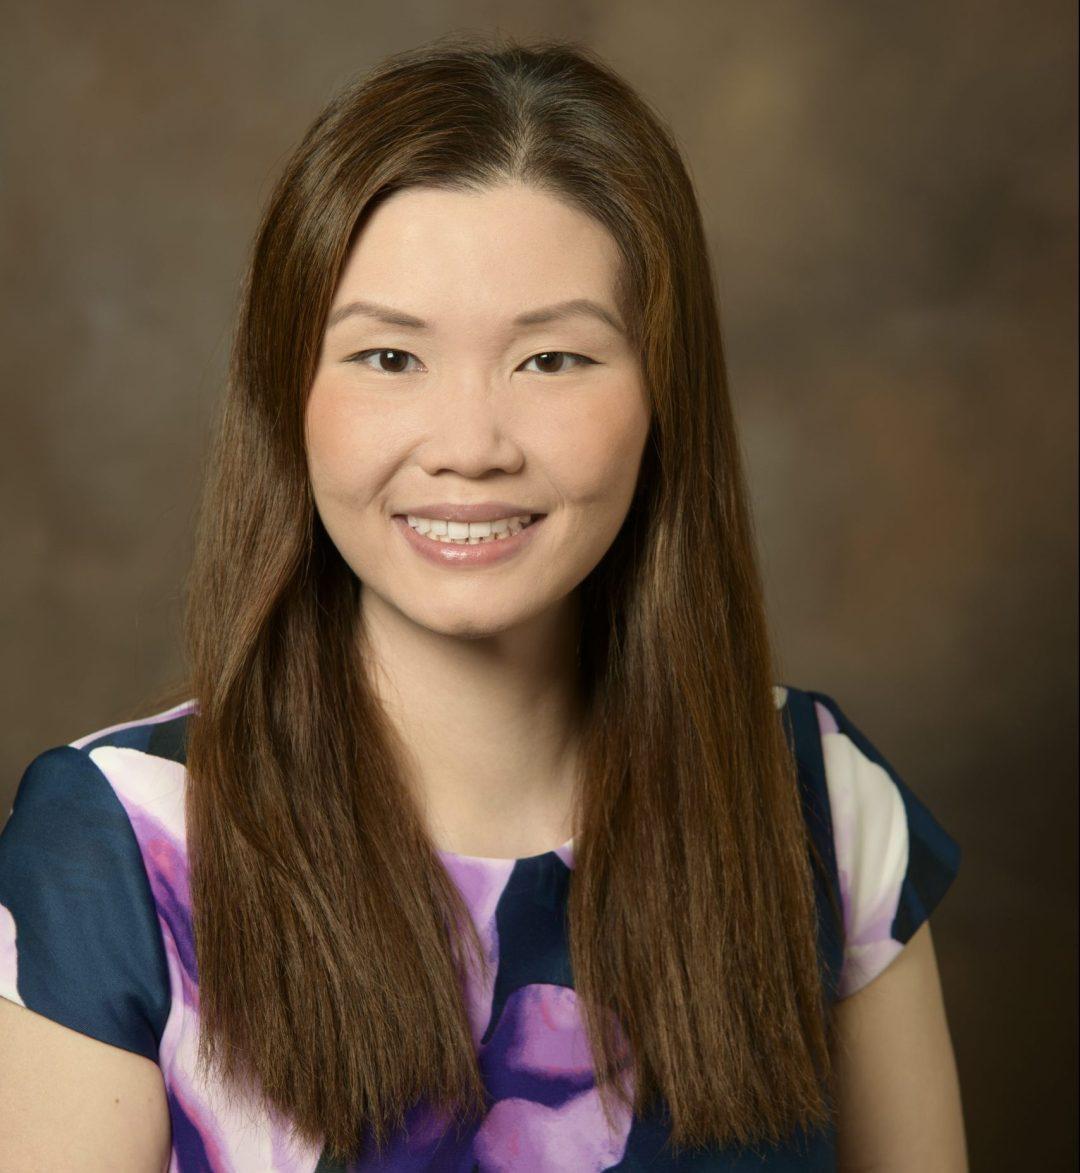 Vivian Shi